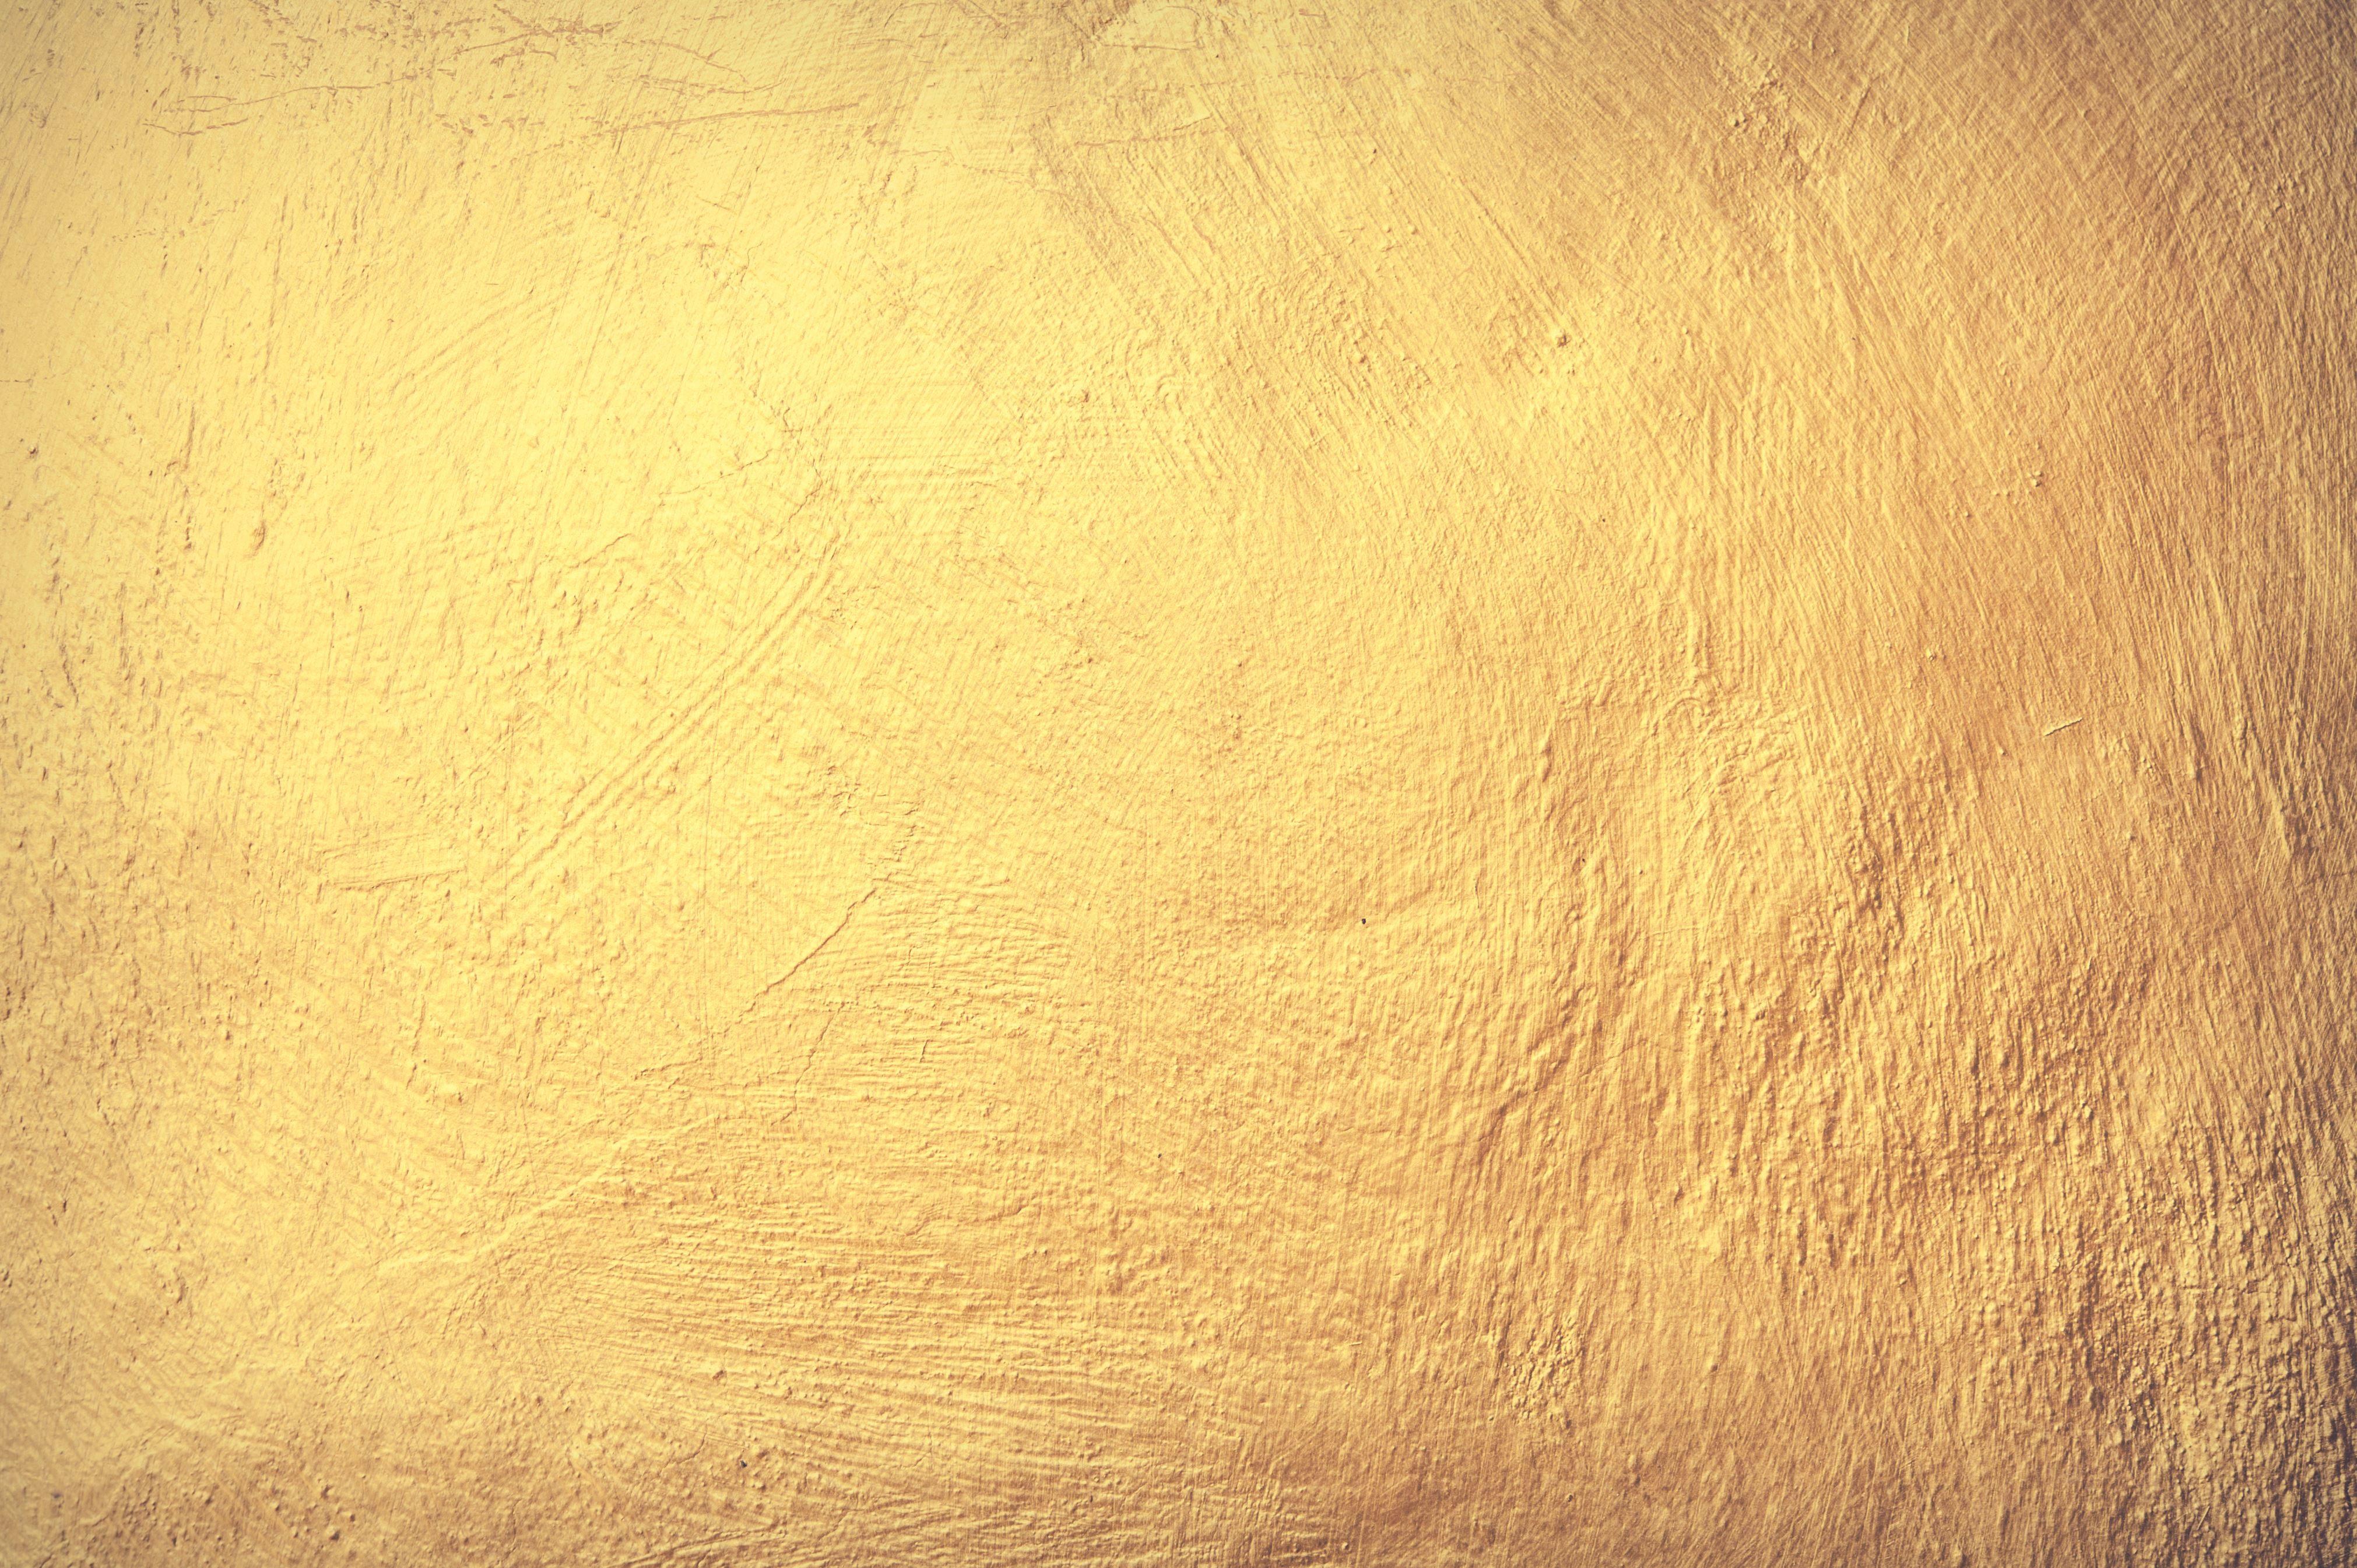 White Gold Wallpaper Hd Image Libre Fond D 233 Cran Jaune Peinture Vieux Pierre